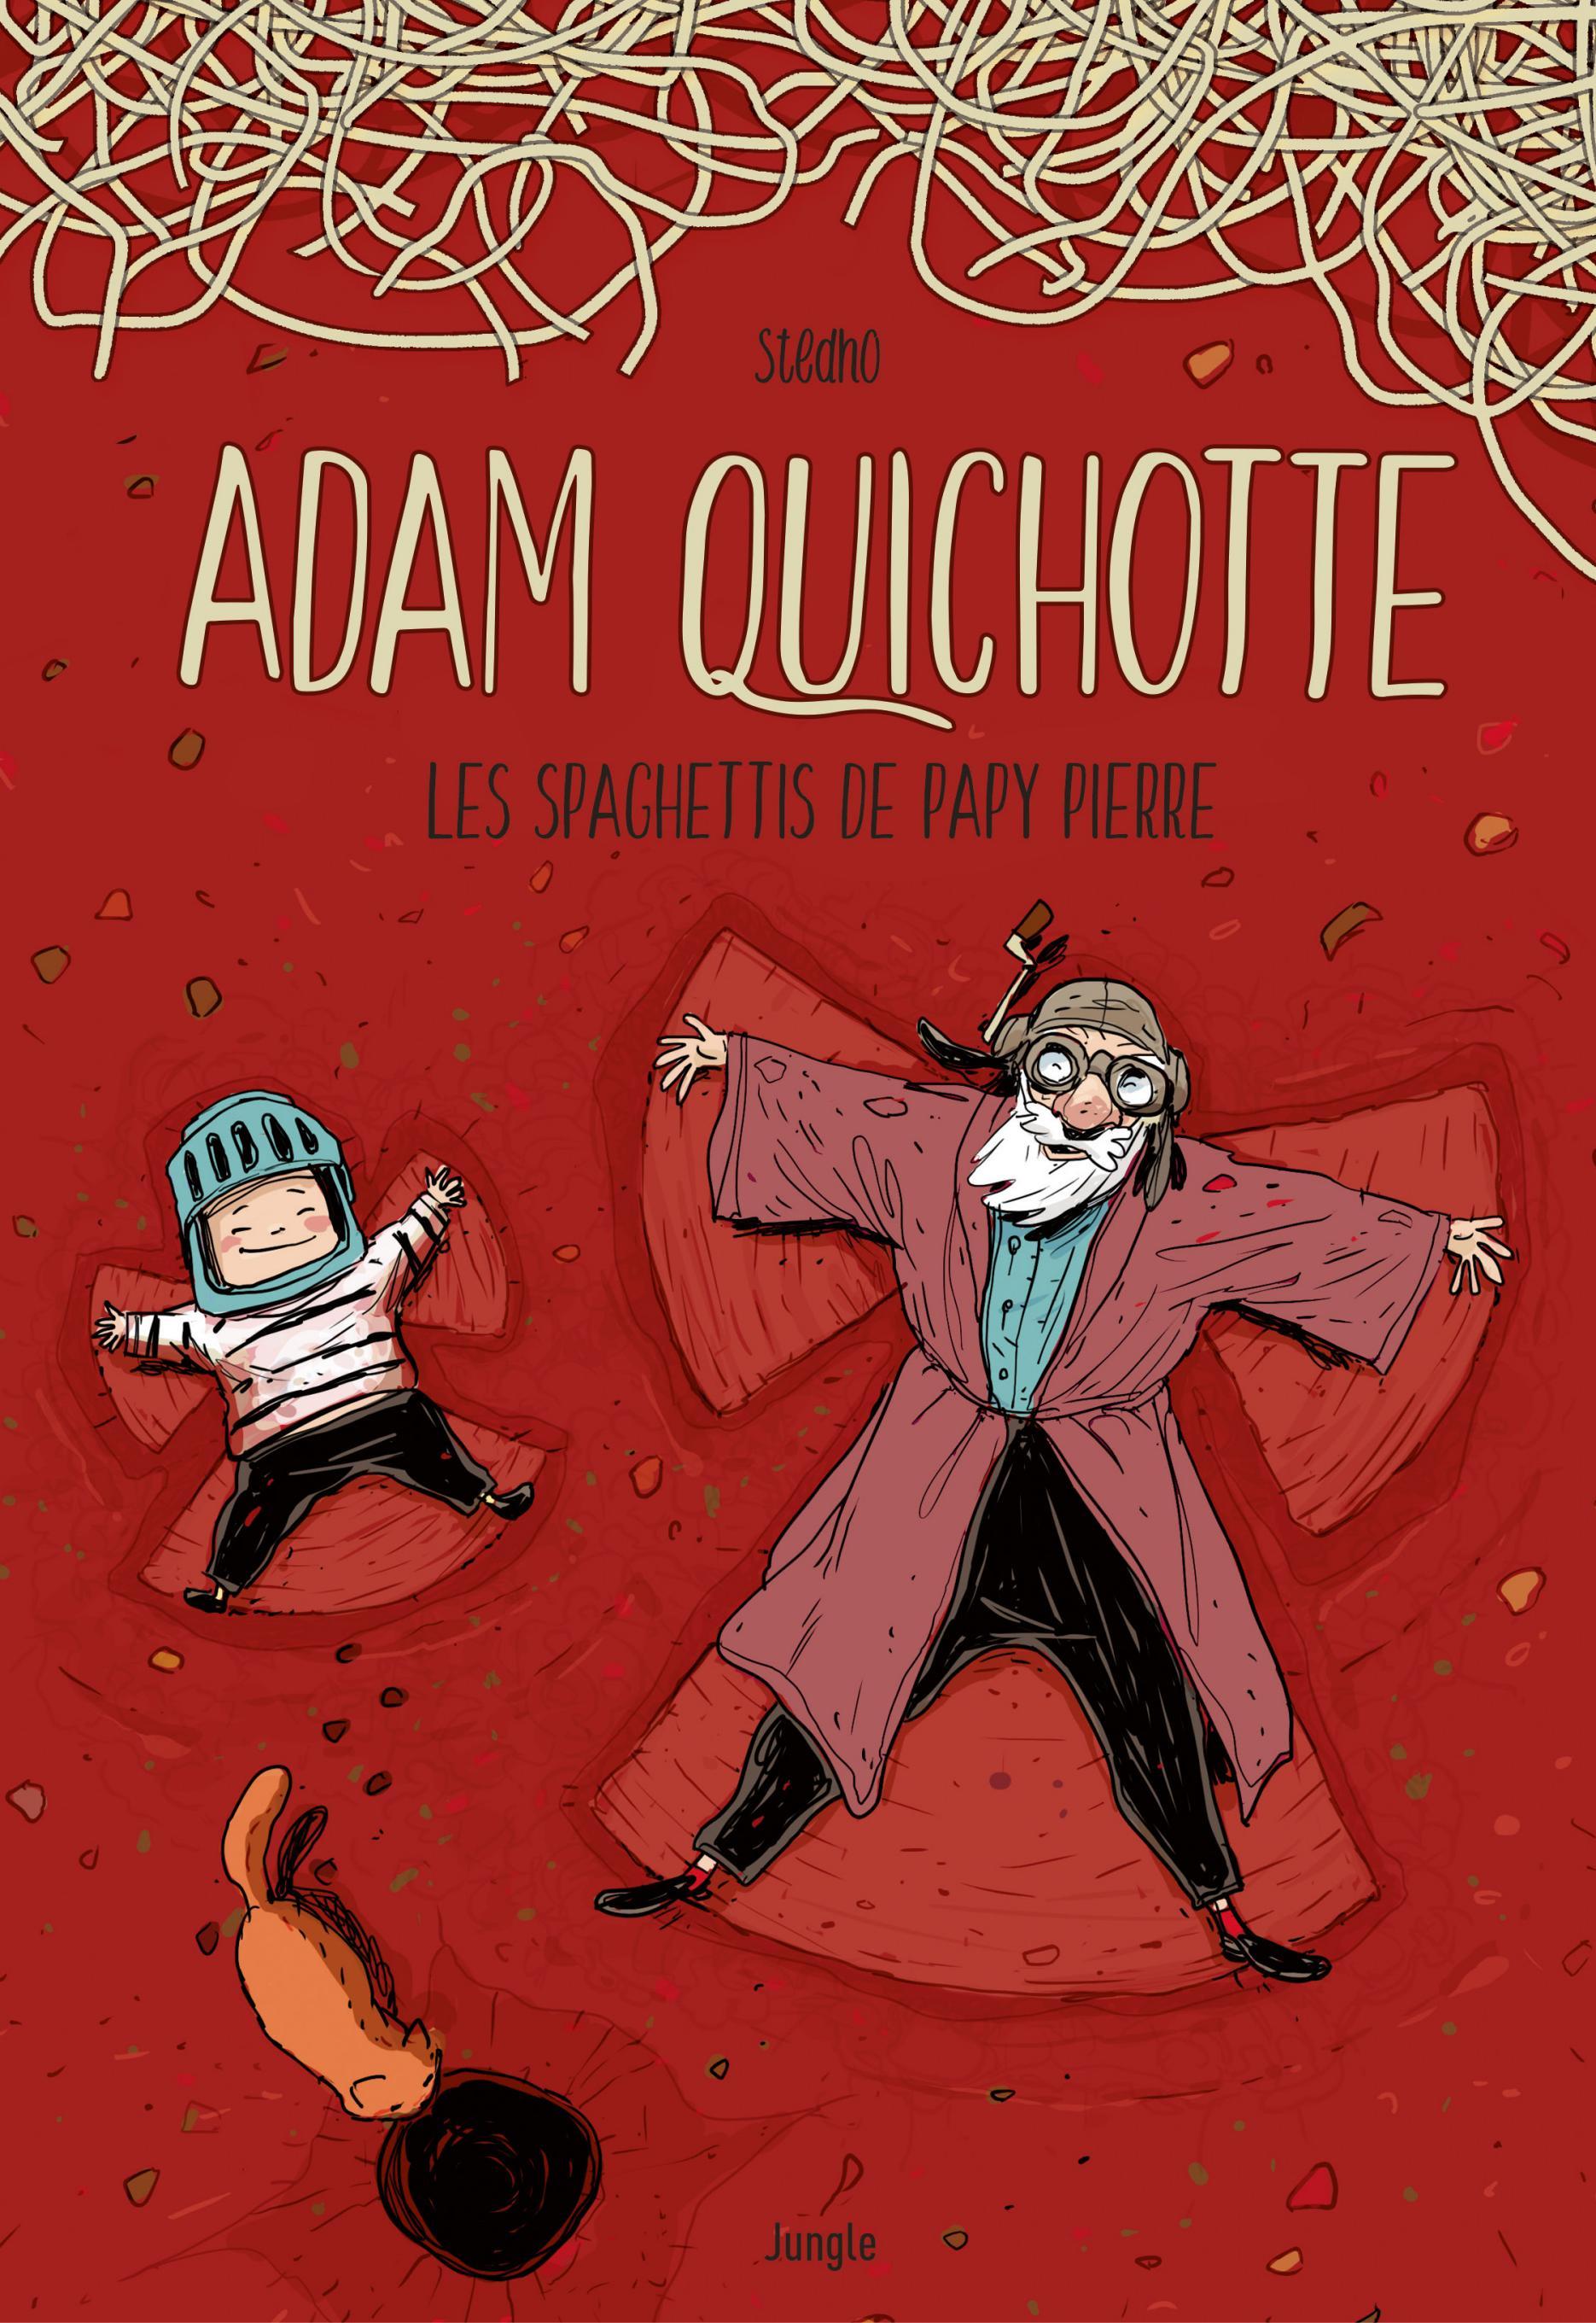 Adam Quichotte 1 - Les spaghettis de Papy Pierre